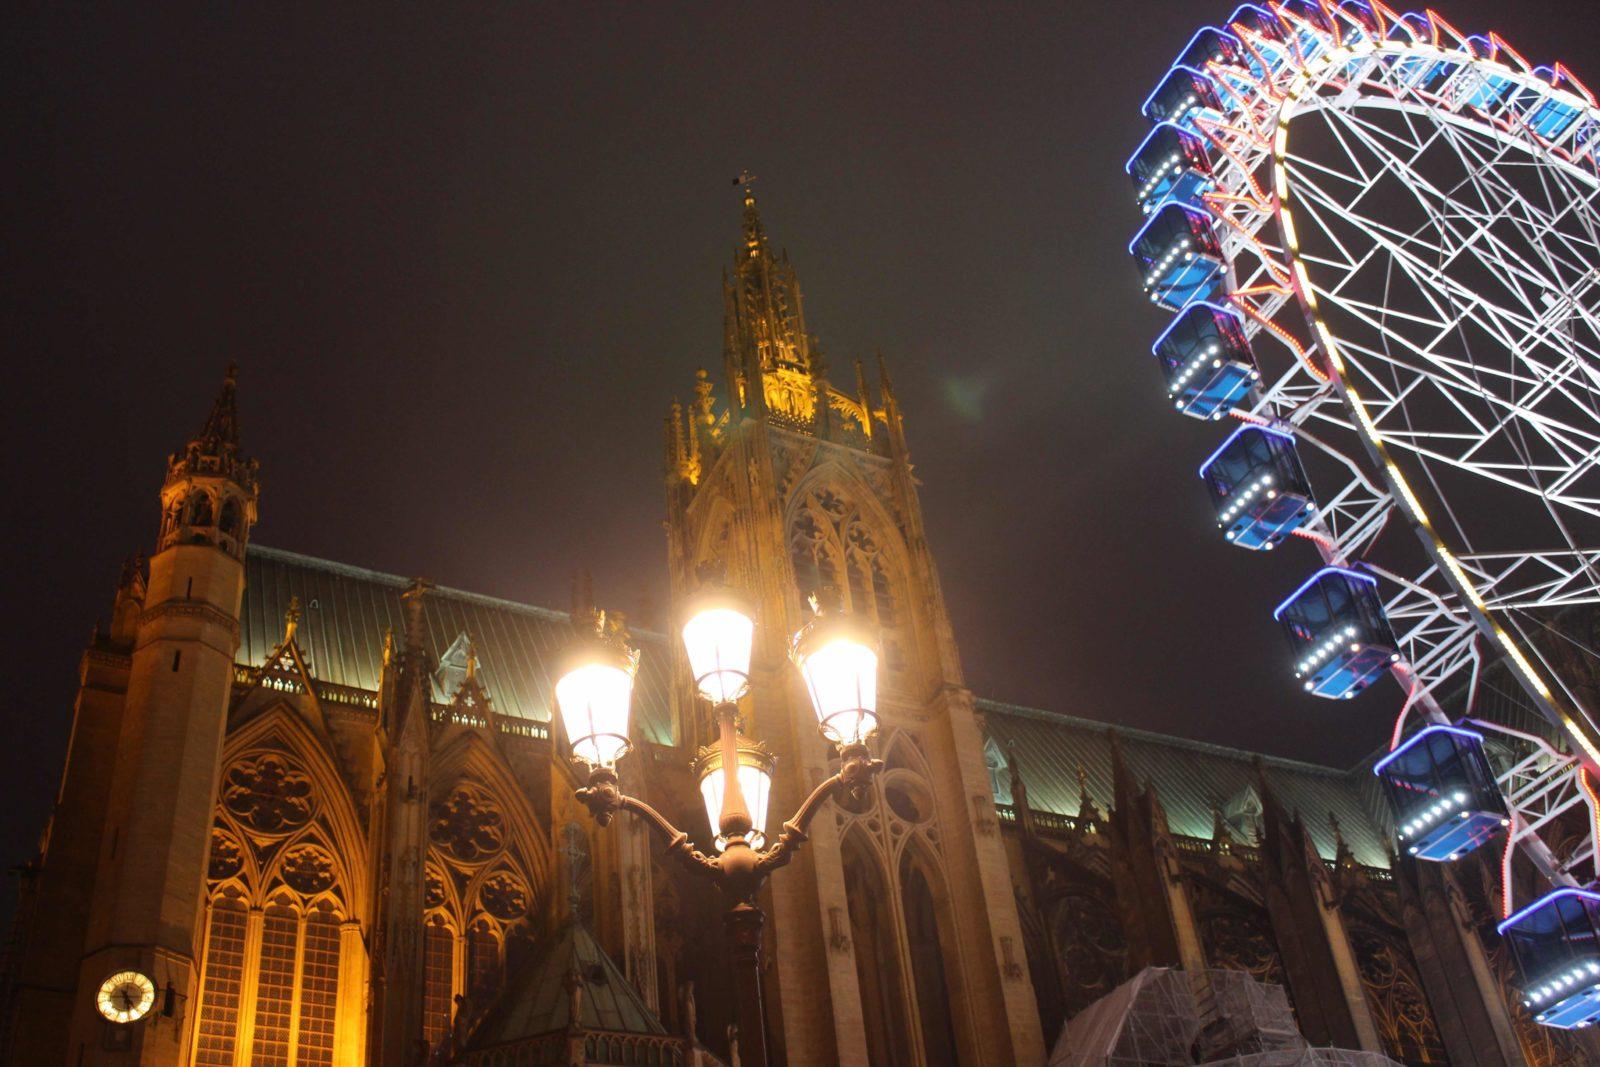 La cathédrale de Metz hiver 2019-20